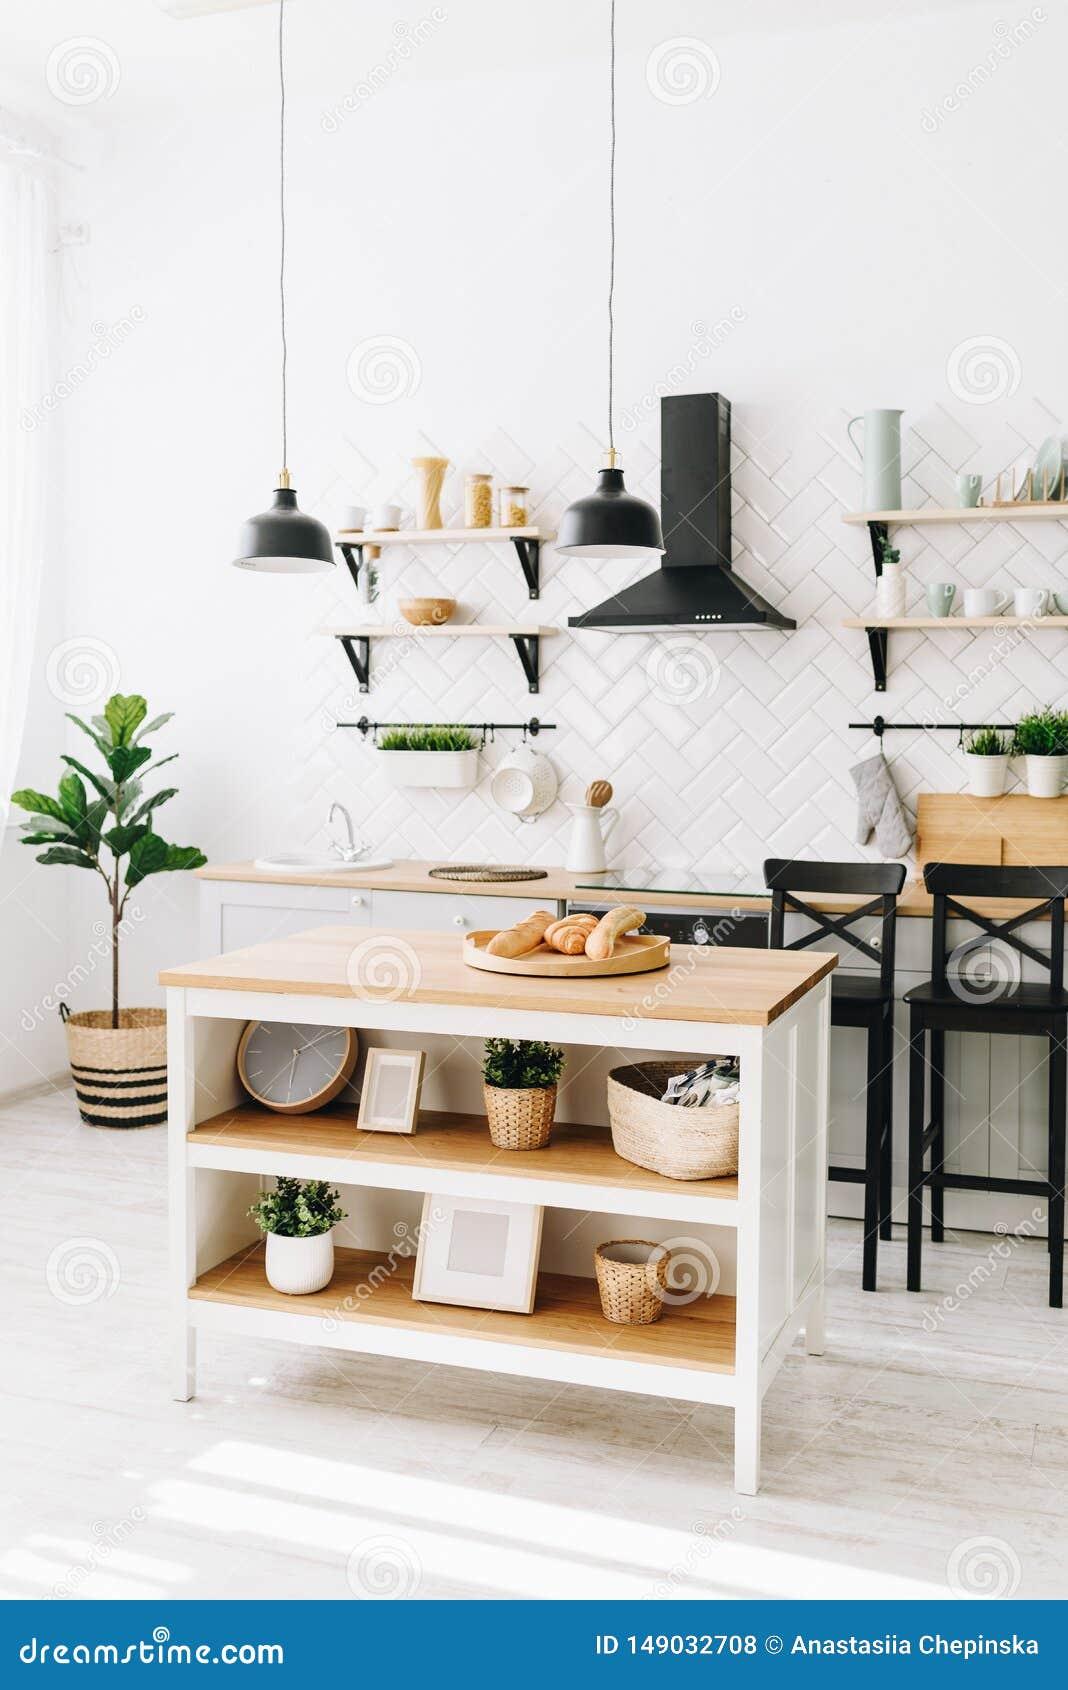 Cozinha escandinava moderna espa?oso do s?t?o com telhas brancas e os dispositivos pretos Quarto brilhante Interior moderno